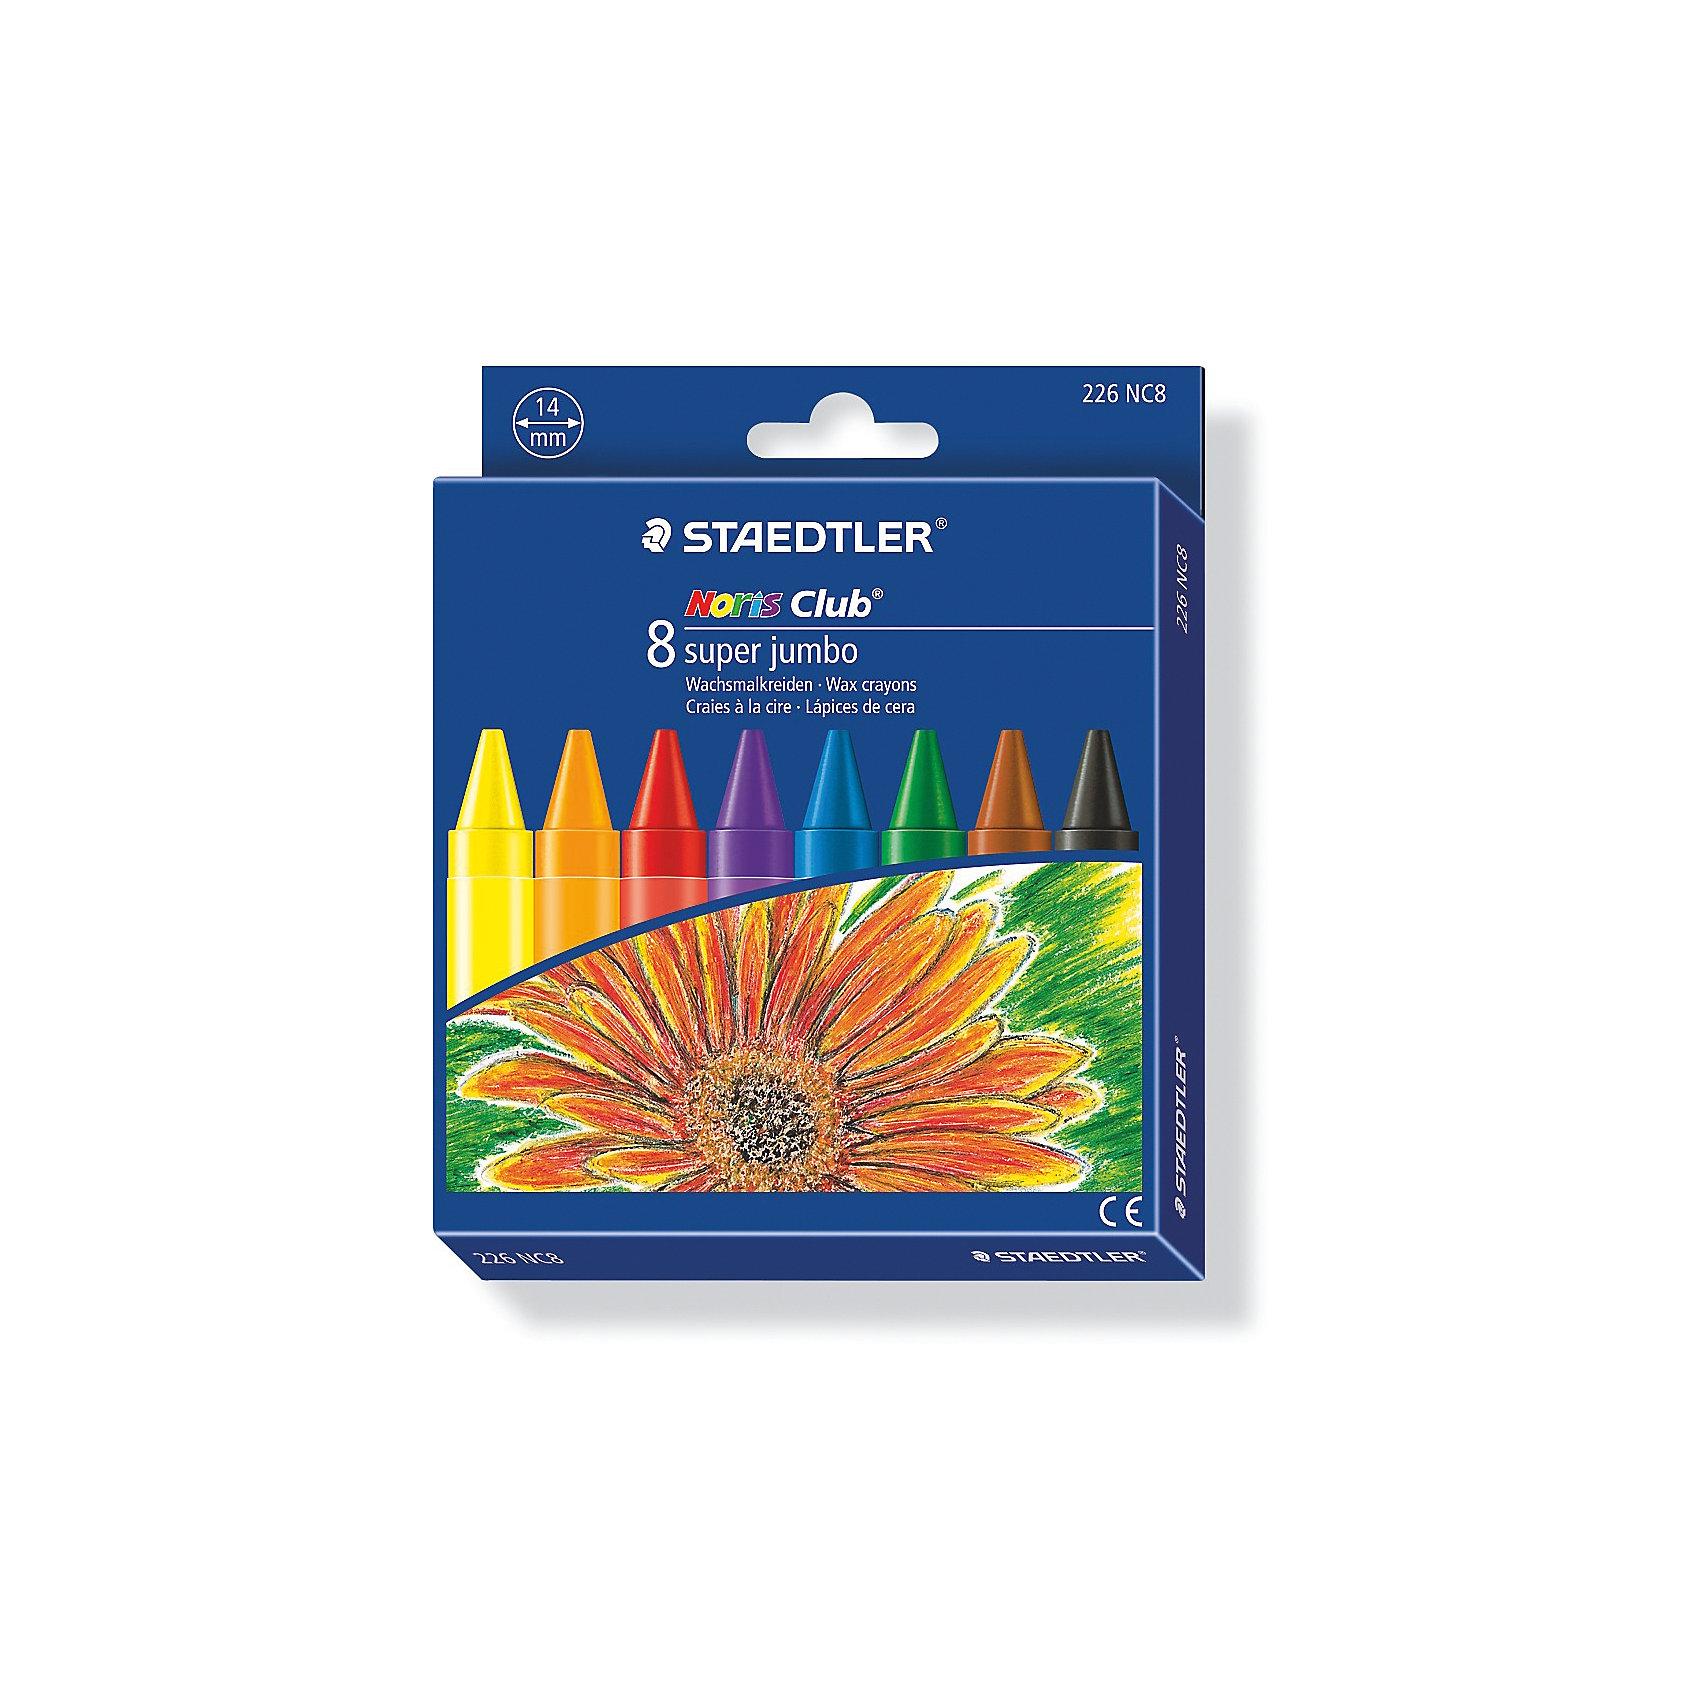 Мелок восковой Noris Club  Super Jumbo, 8 цветов, StaedtlerМасляные и восковые мелки<br>Мелок восковой Noris Club  Super Jumbo, 8 цветов, Staedtler (Штедлер).<br><br>Характеристики:<br><br>• Для детей в возрасте: от 3 лет<br>• В наборе: 8 ярких разноцветных  мелков<br>• Диаметр: 14 мм.<br>• Держатель: бумажная манжетка с полем для имени<br>• Упаковка: картонная коробка с европодвесом<br>• Размер упаковки: 145х120х16 мм.<br>• Вес: 156 гр.<br><br>Набор восковых мелков Noris Club Super Jumbo непременно, понравится вашему юному художнику. В наборе 8 ярких мелков. Мелки разработаны специально для маленьких детей. Изготовлены с использованием натурального пчелиного воска. Идеальны для раскрашивания больших поверхностей. Высокая устойчивость к поломке. Бумажная манжетка позволяет удобно держать мелок и не пачкать руки.<br><br>Мелок восковой Noris Club  Super Jumbo, 8 цветов, Staedtler (Штедлер) можно купить в нашем интернет-магазине.<br><br>Ширина мм: 144<br>Глубина мм: 120<br>Высота мм: 170<br>Вес г: 169<br>Возраст от месяцев: 36<br>Возраст до месяцев: 2147483647<br>Пол: Унисекс<br>Возраст: Детский<br>SKU: 5529990